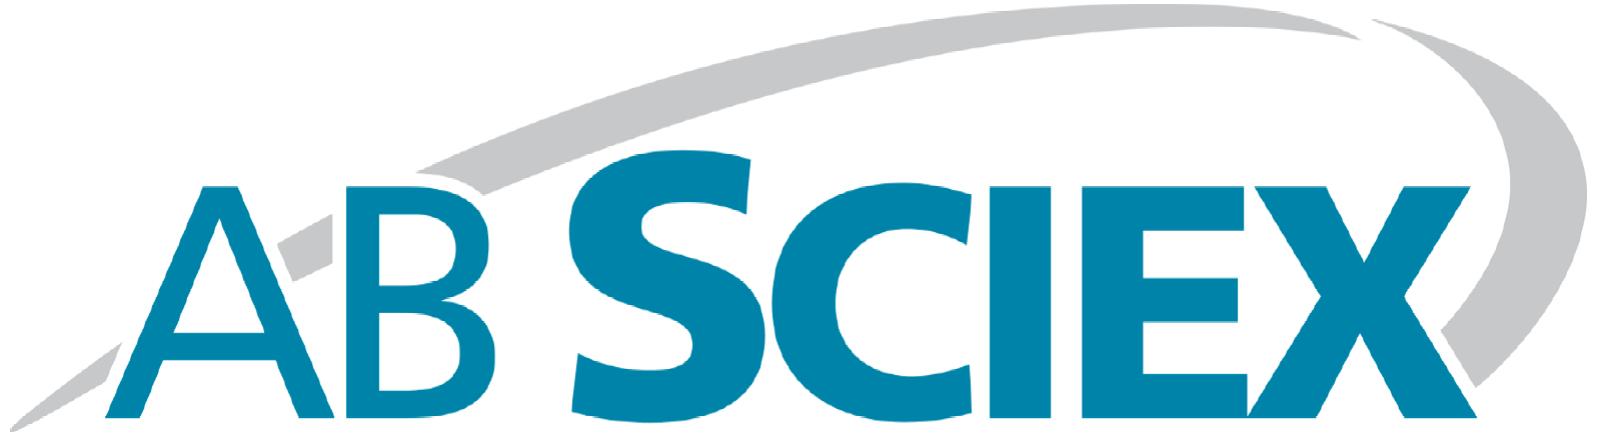 absciex_logo